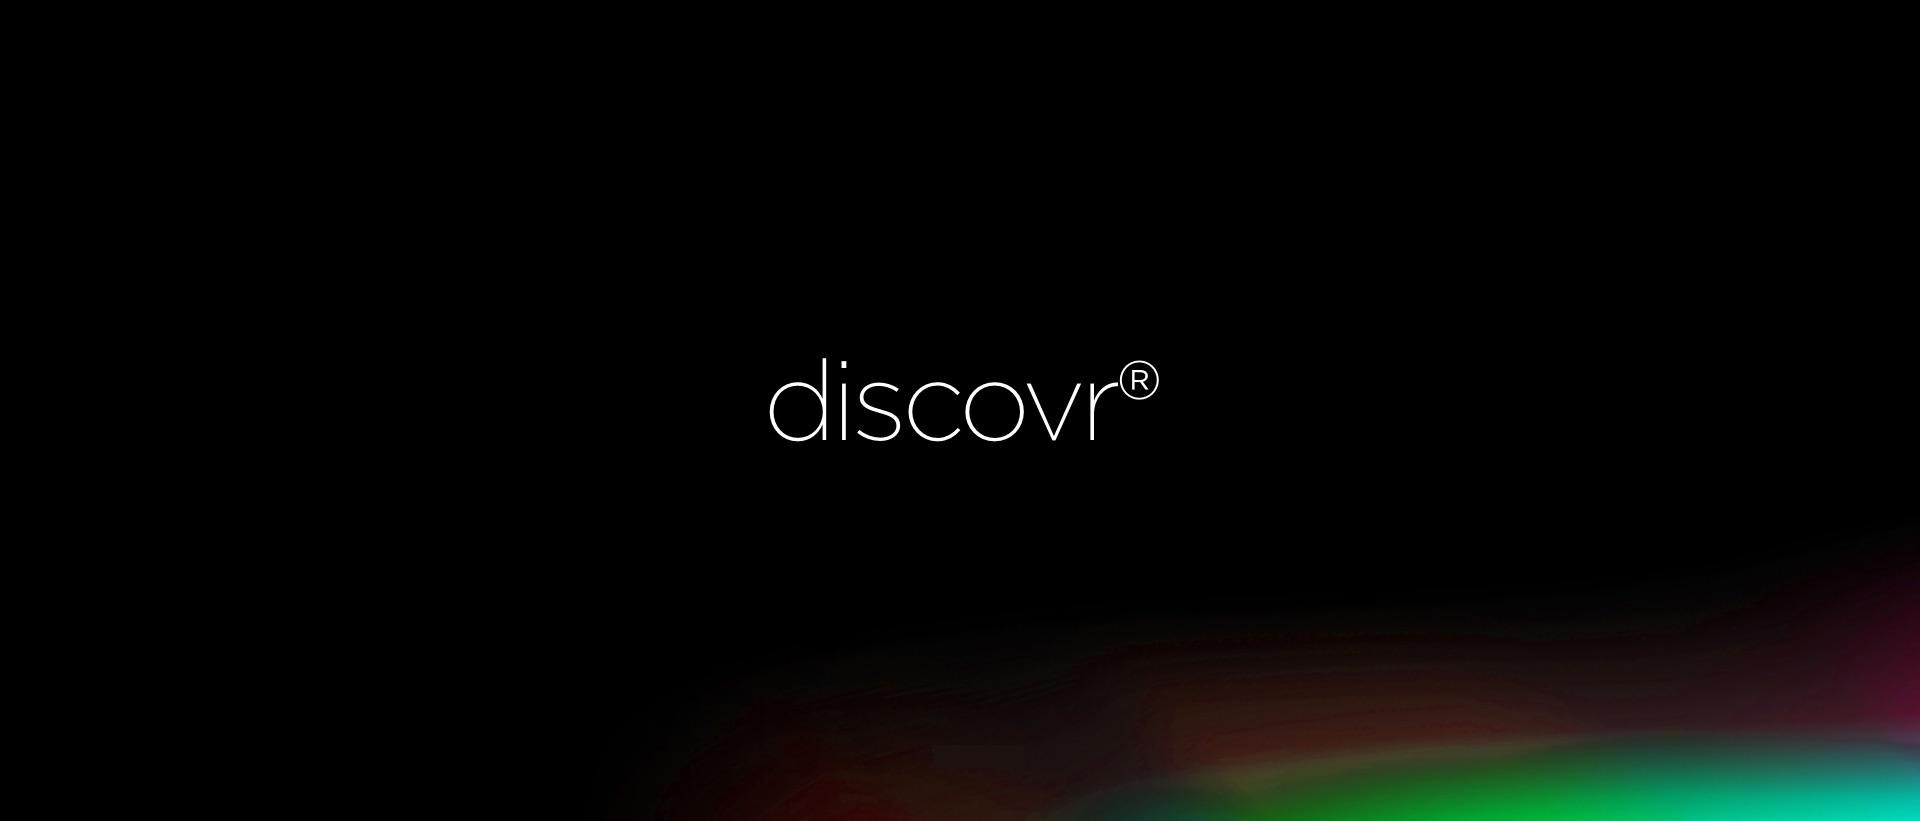 Discovr-WebBannerStyle2.jpg